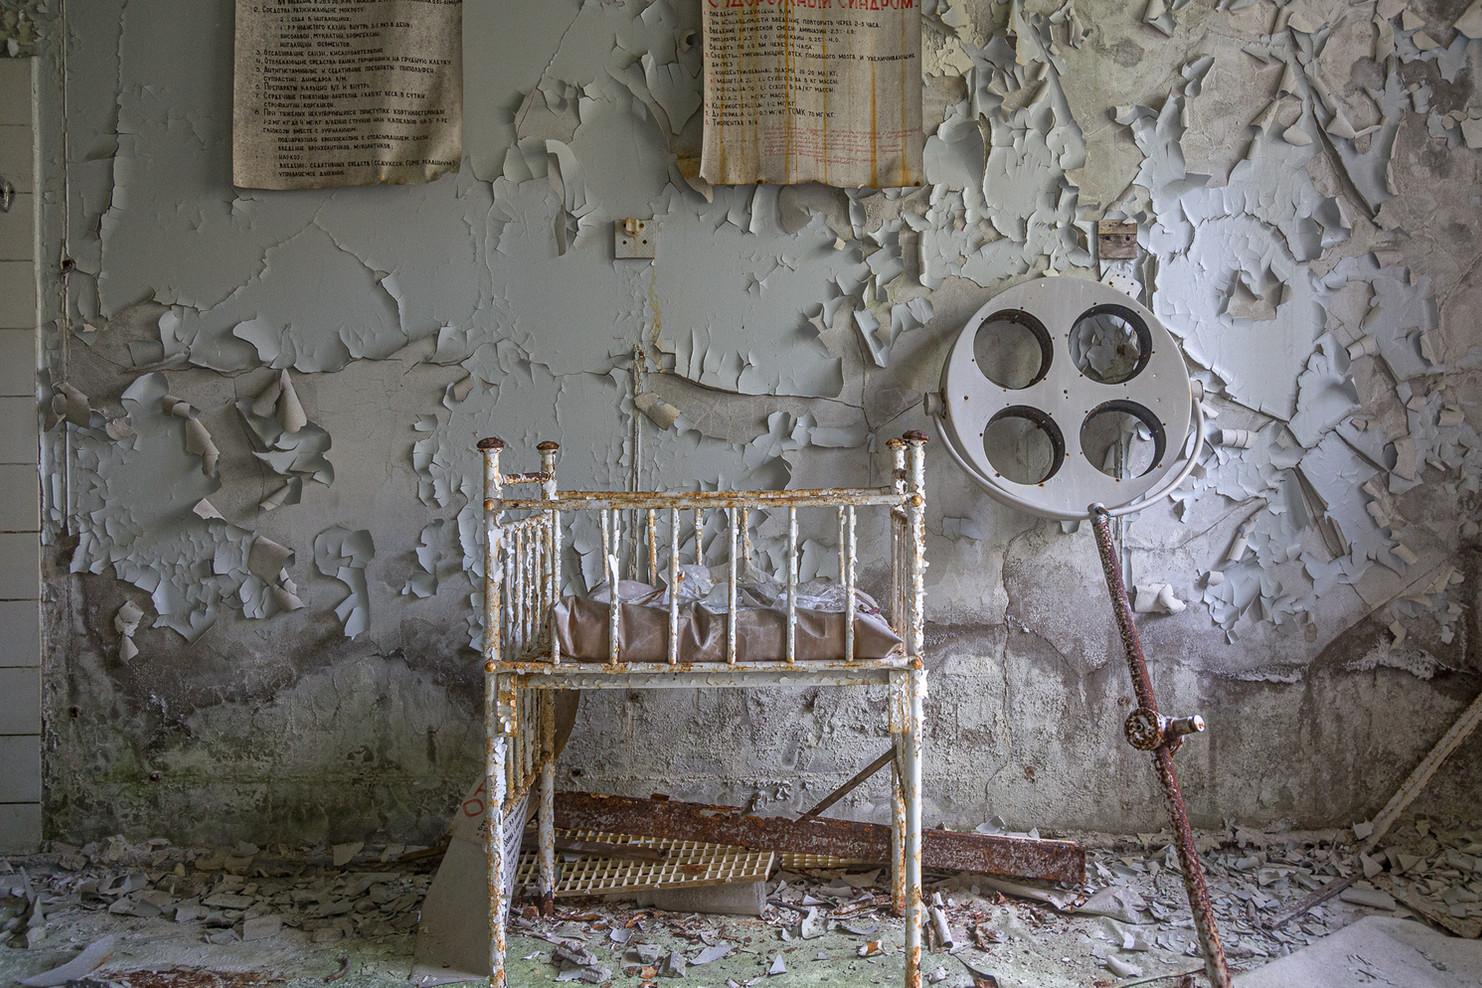 Section maternité de l'hôpital